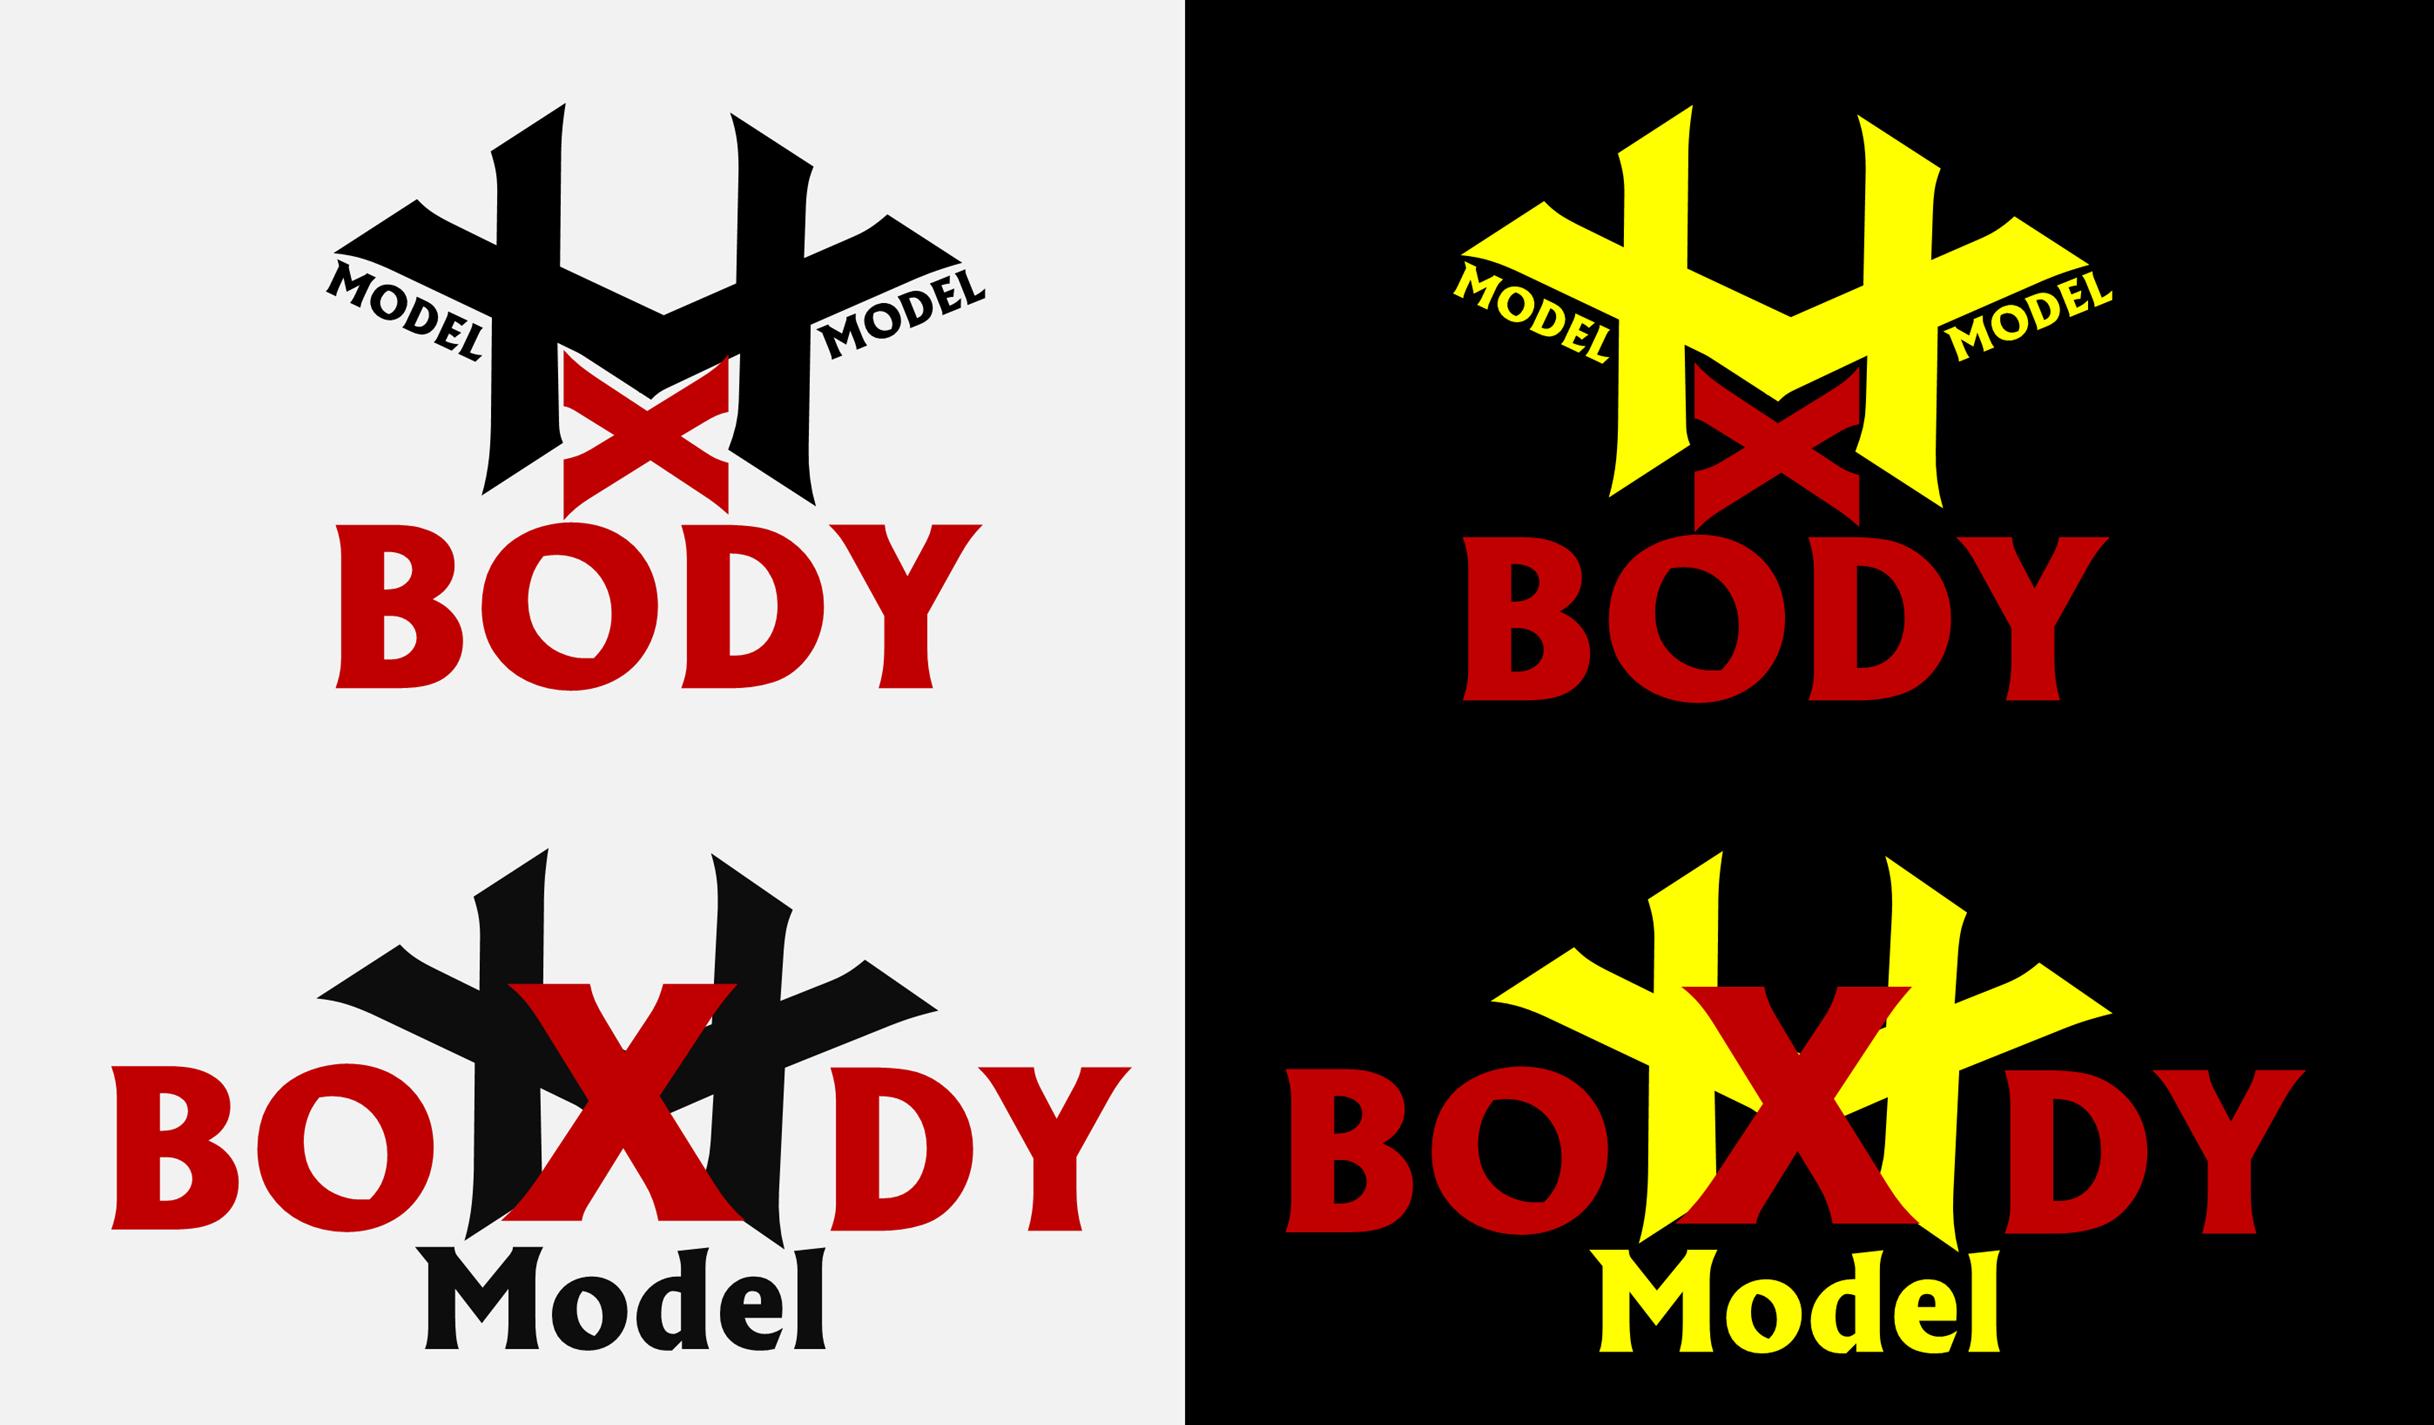 Разработка логотипа (видеоблог для моделей) фото f_5855b26c6622a24a.png